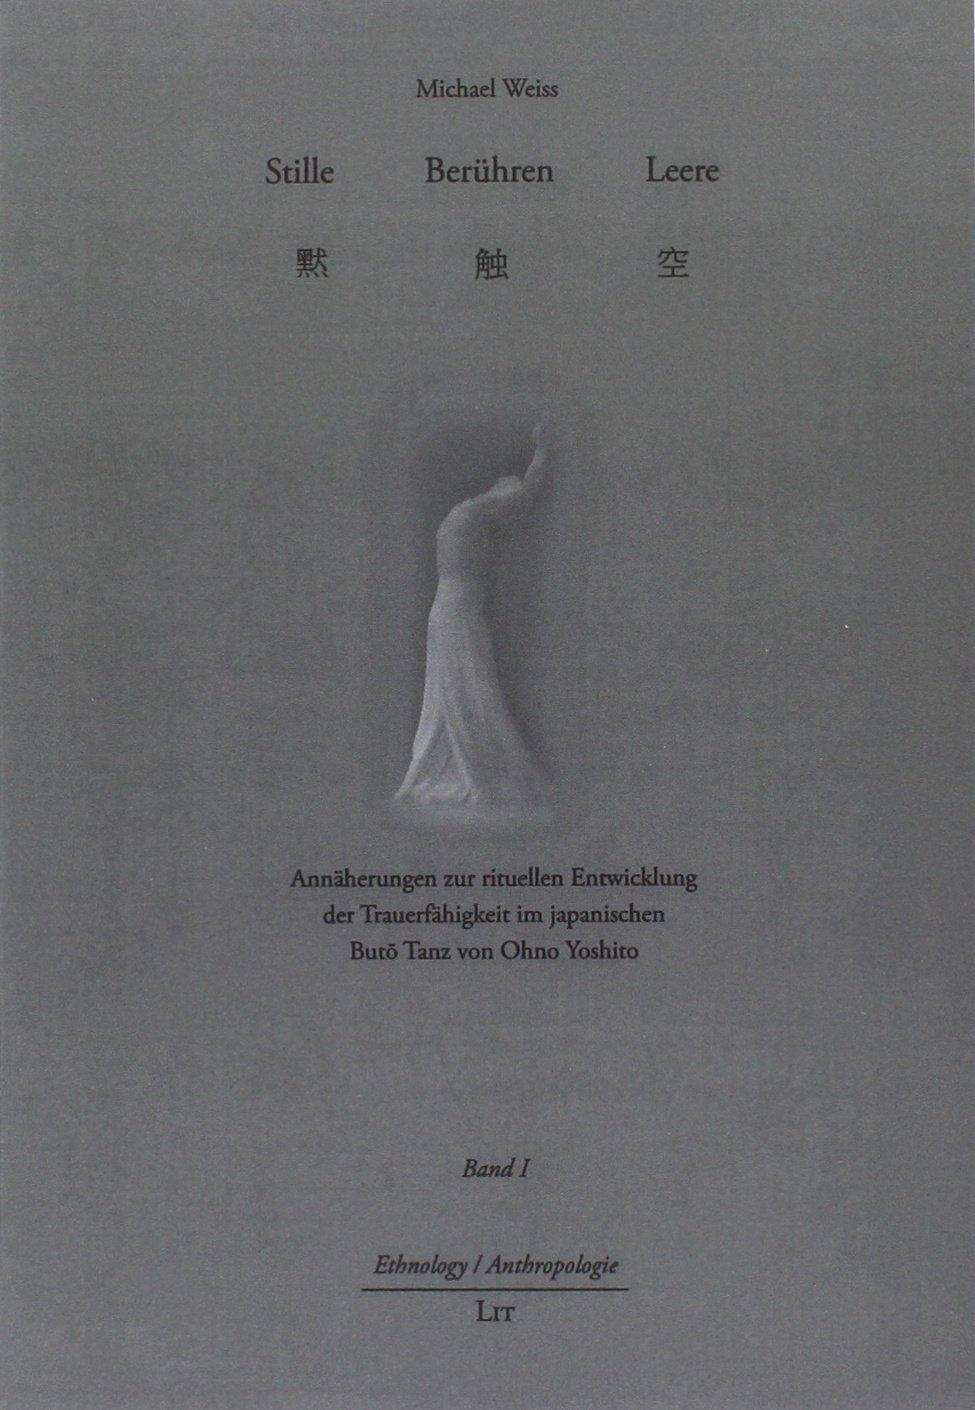 Stille Berühren Leere: Annäherungen zur rituellen Entwicklung der Trauerfähigkeit im japanischen Butō Tanz von Ohno Yoshito Taschenbuch, 2 Bände